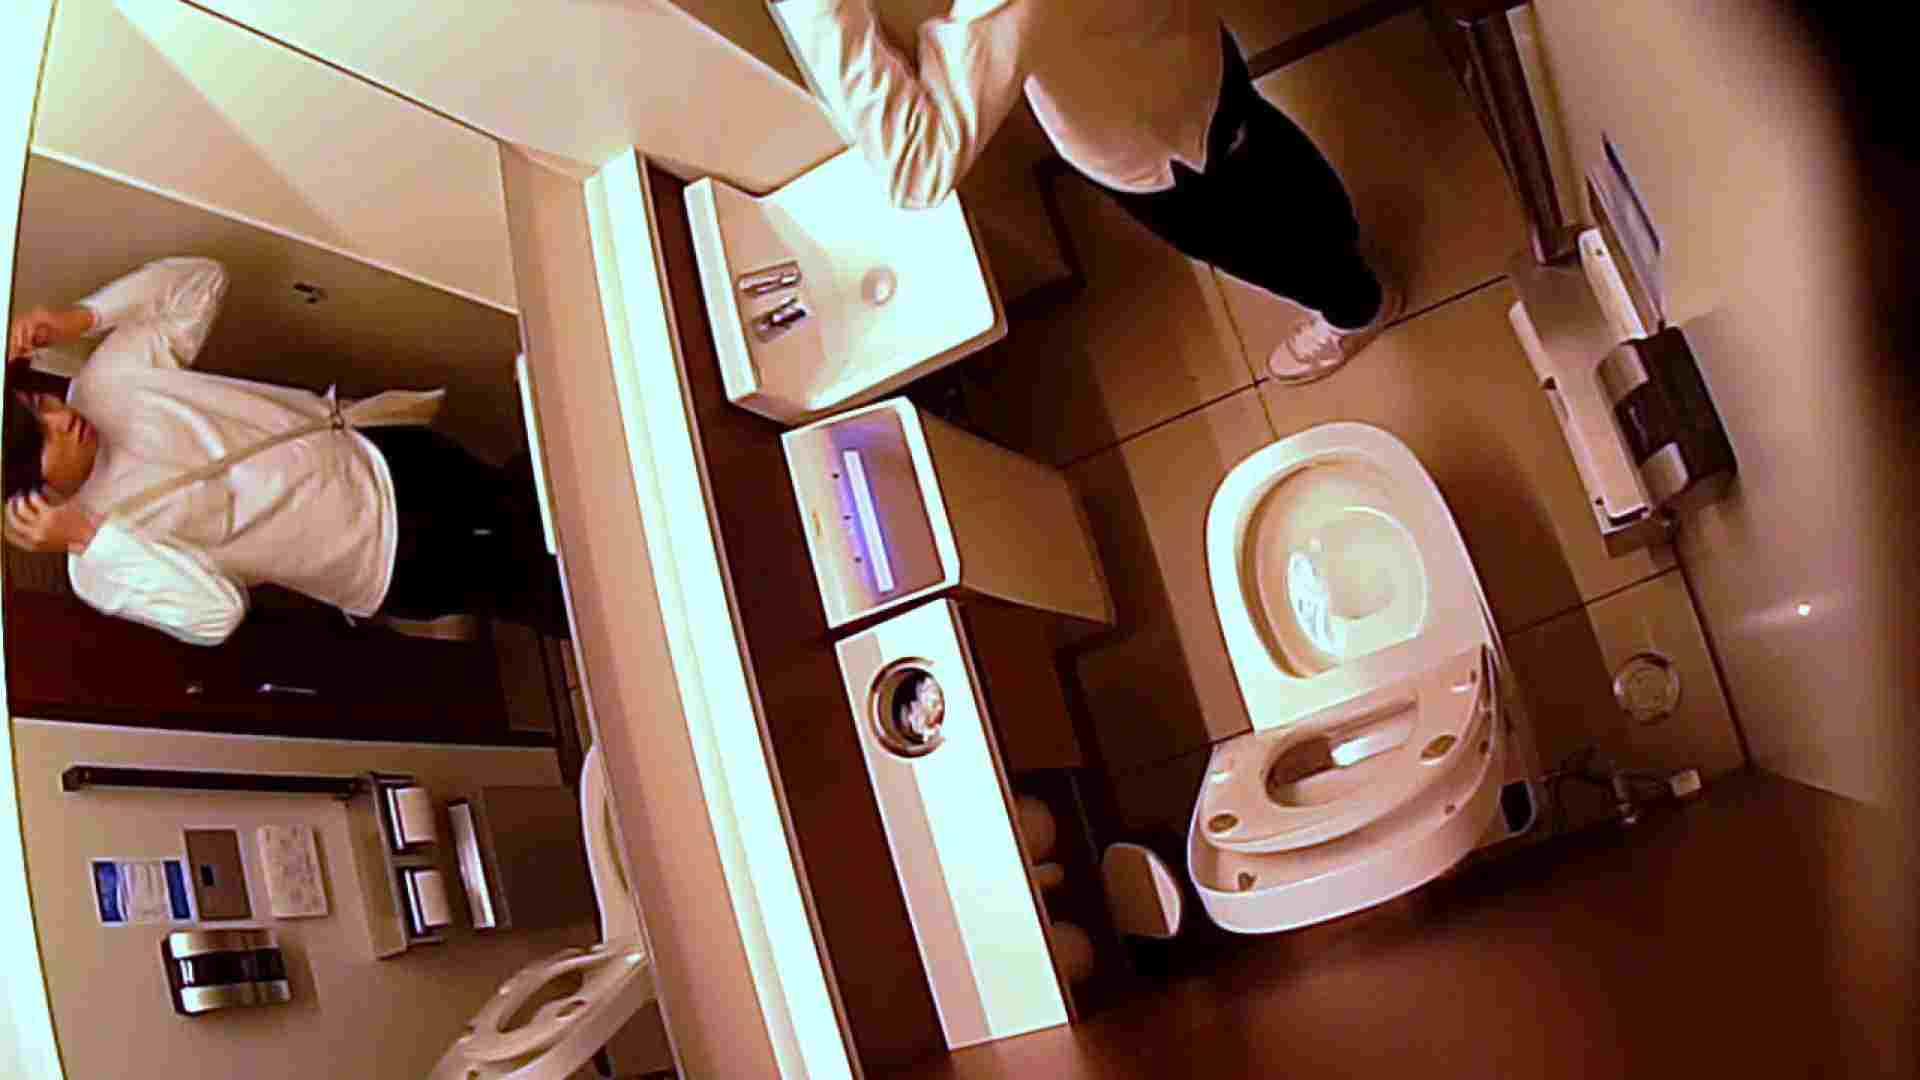 すみませんが覗かせてください Vol.32 トイレ | 0  61連発 7